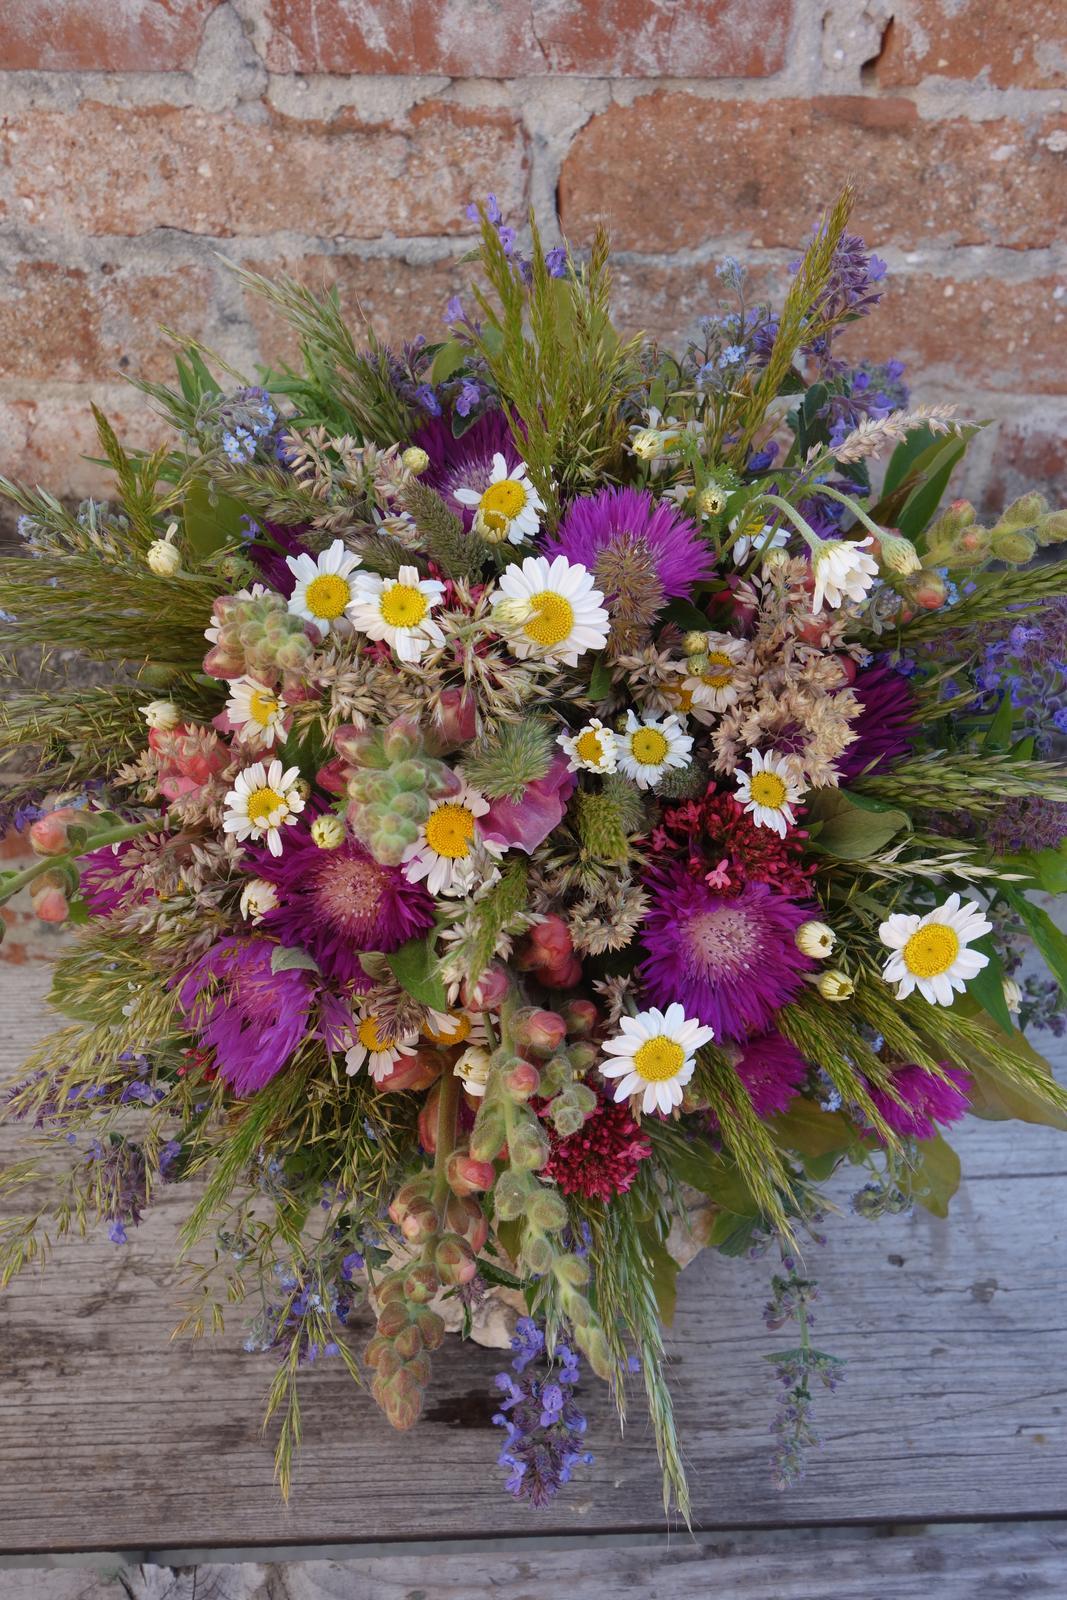 Slovenské, lokálne kvety pre vašu svadbu - Obrázok č. 1